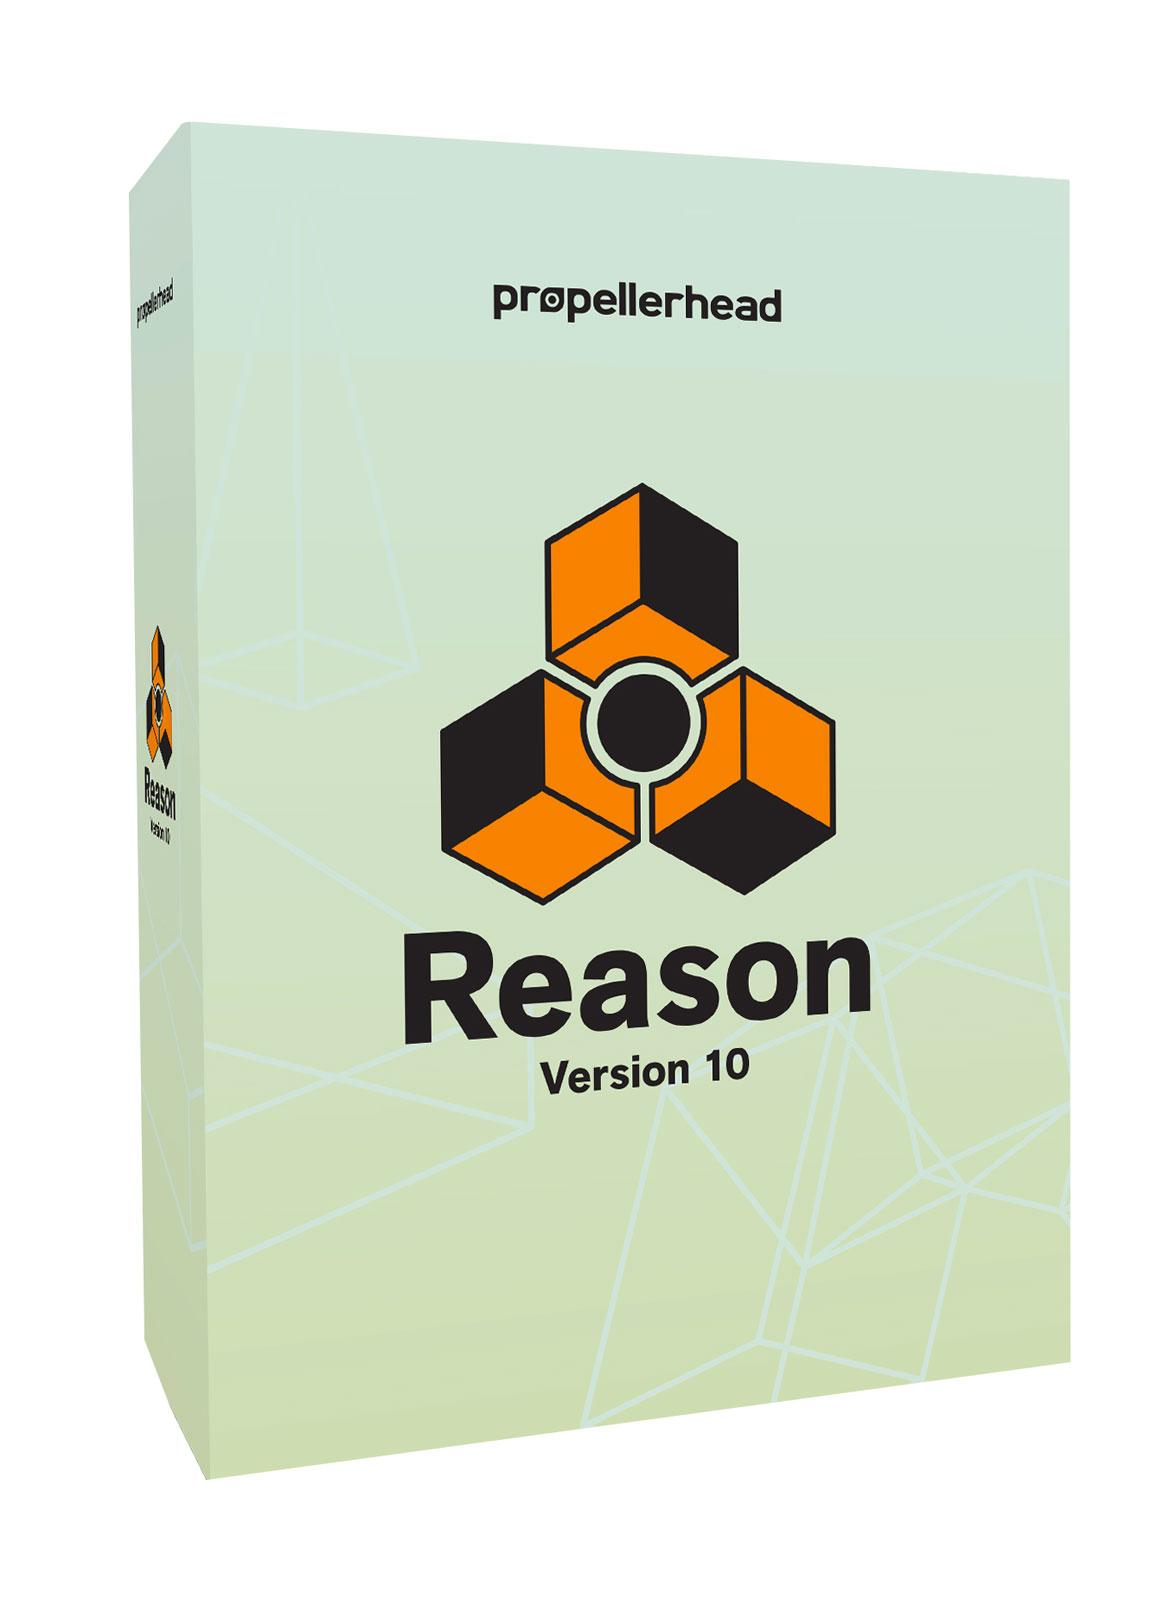 Image Reason 10